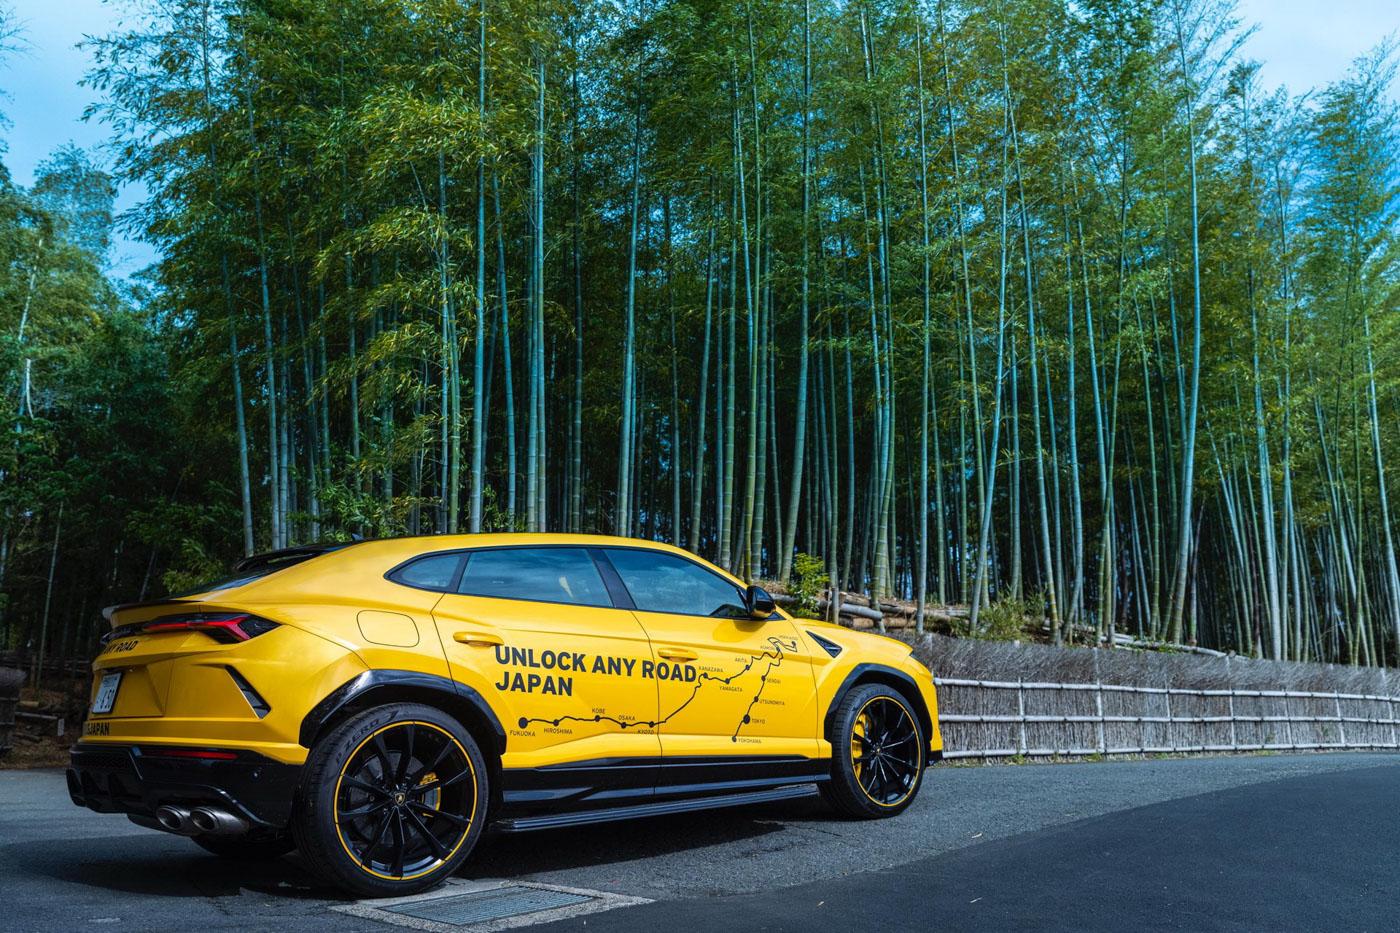 Bộ-đôi-Lamborghini-Urus-vượt-hơn-6.500-km-trong-hành-trình-xuyên-Nhật-Bản (32).jpg